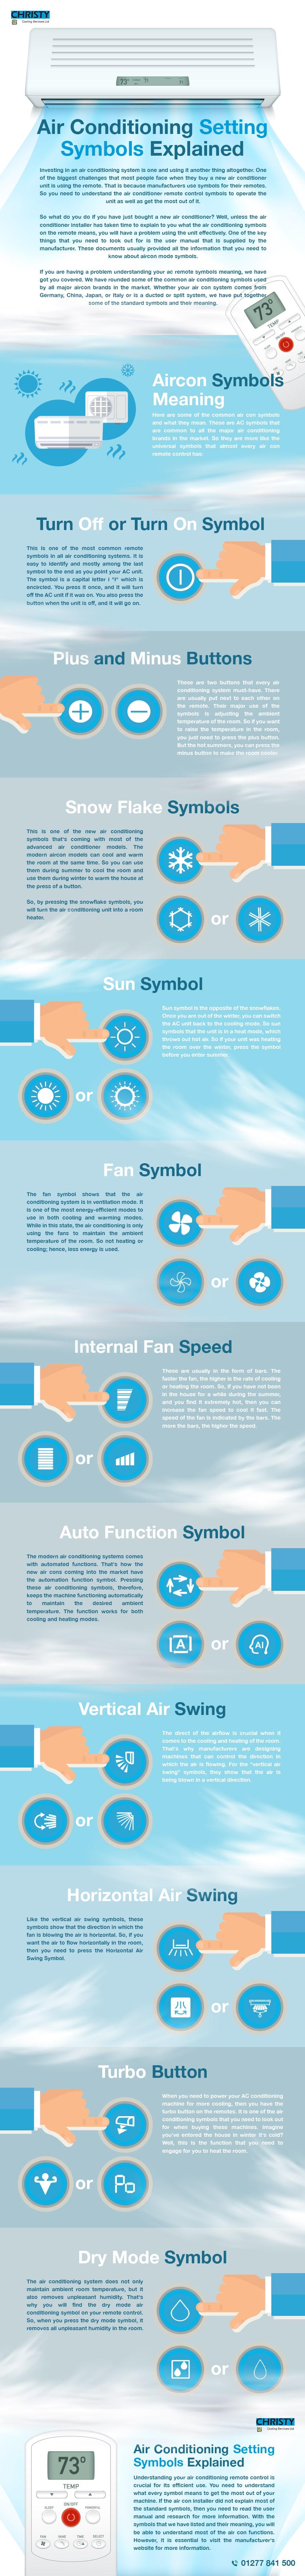 air conditioning symbols